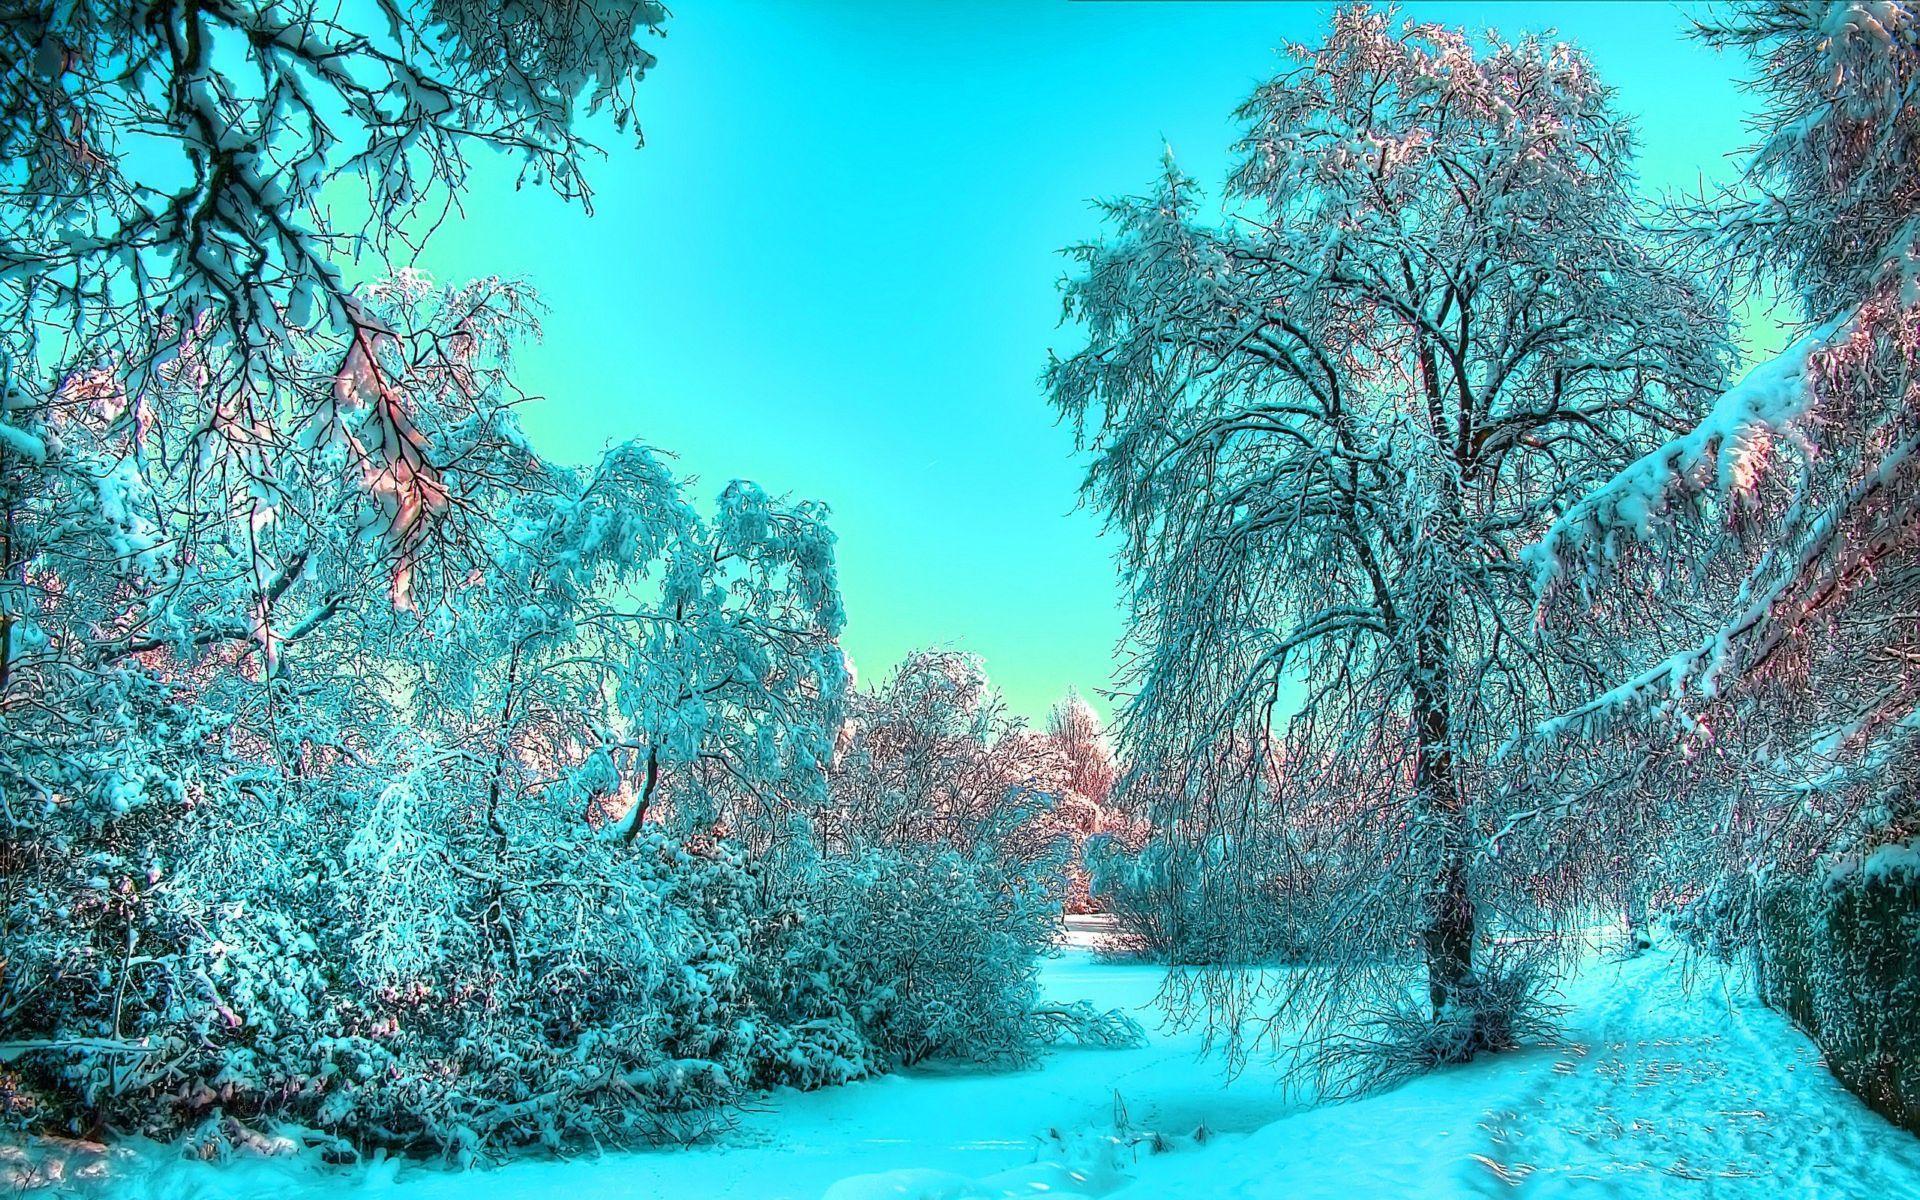 23042 descargar fondo de pantalla Paisaje, Invierno, Árboles, Nieve: protectores de pantalla e imágenes gratis